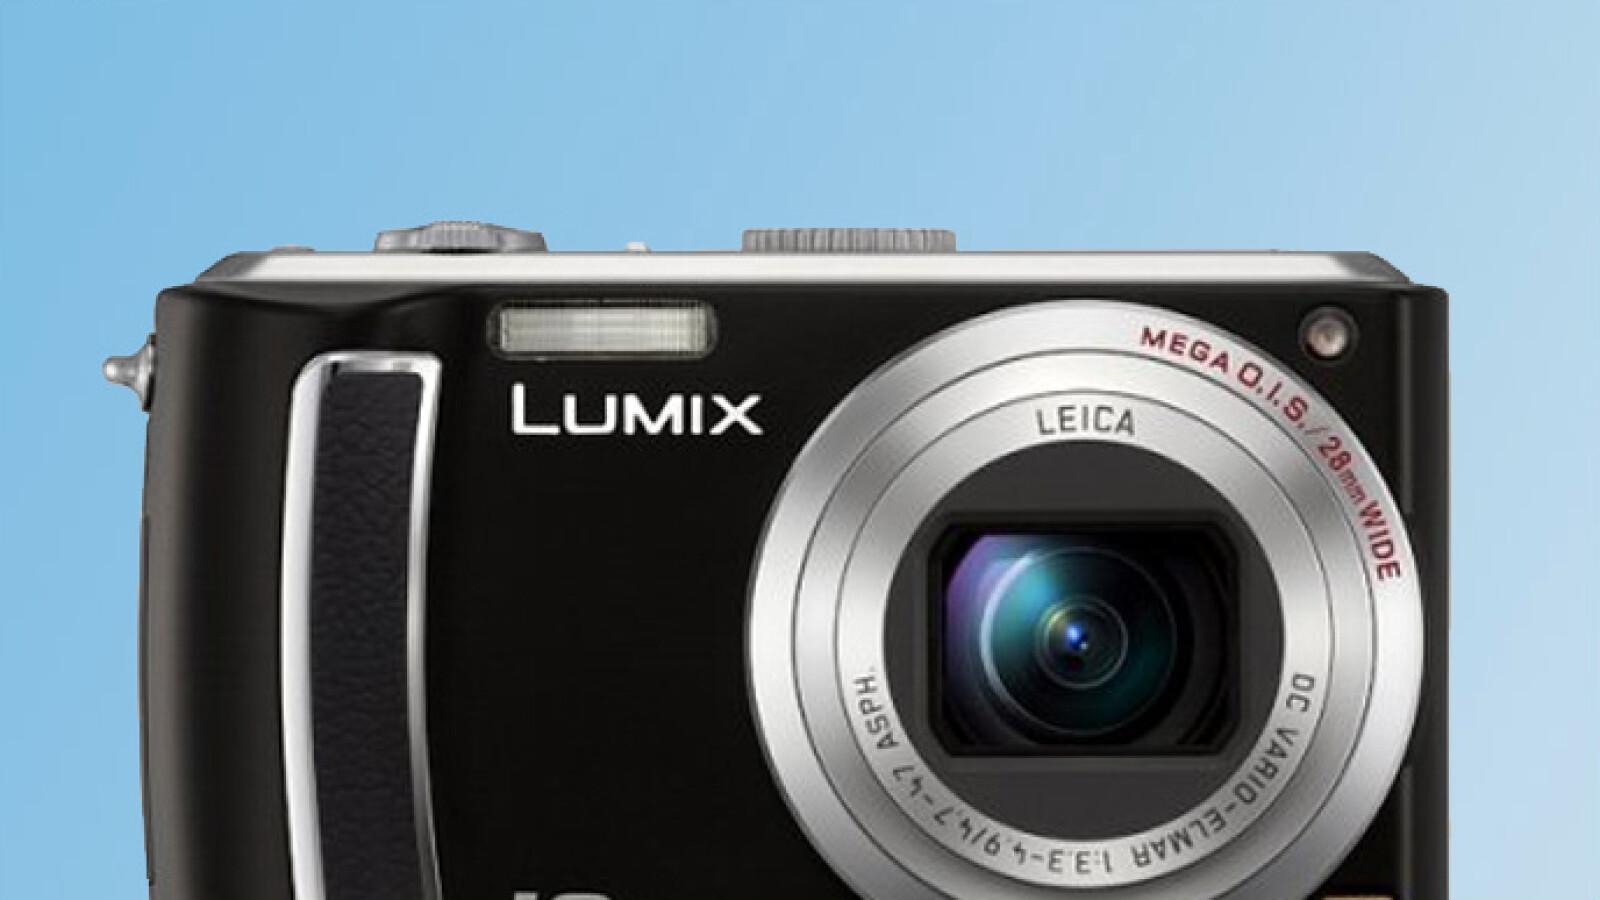 Panasonic lumix dmc tz5 pictures